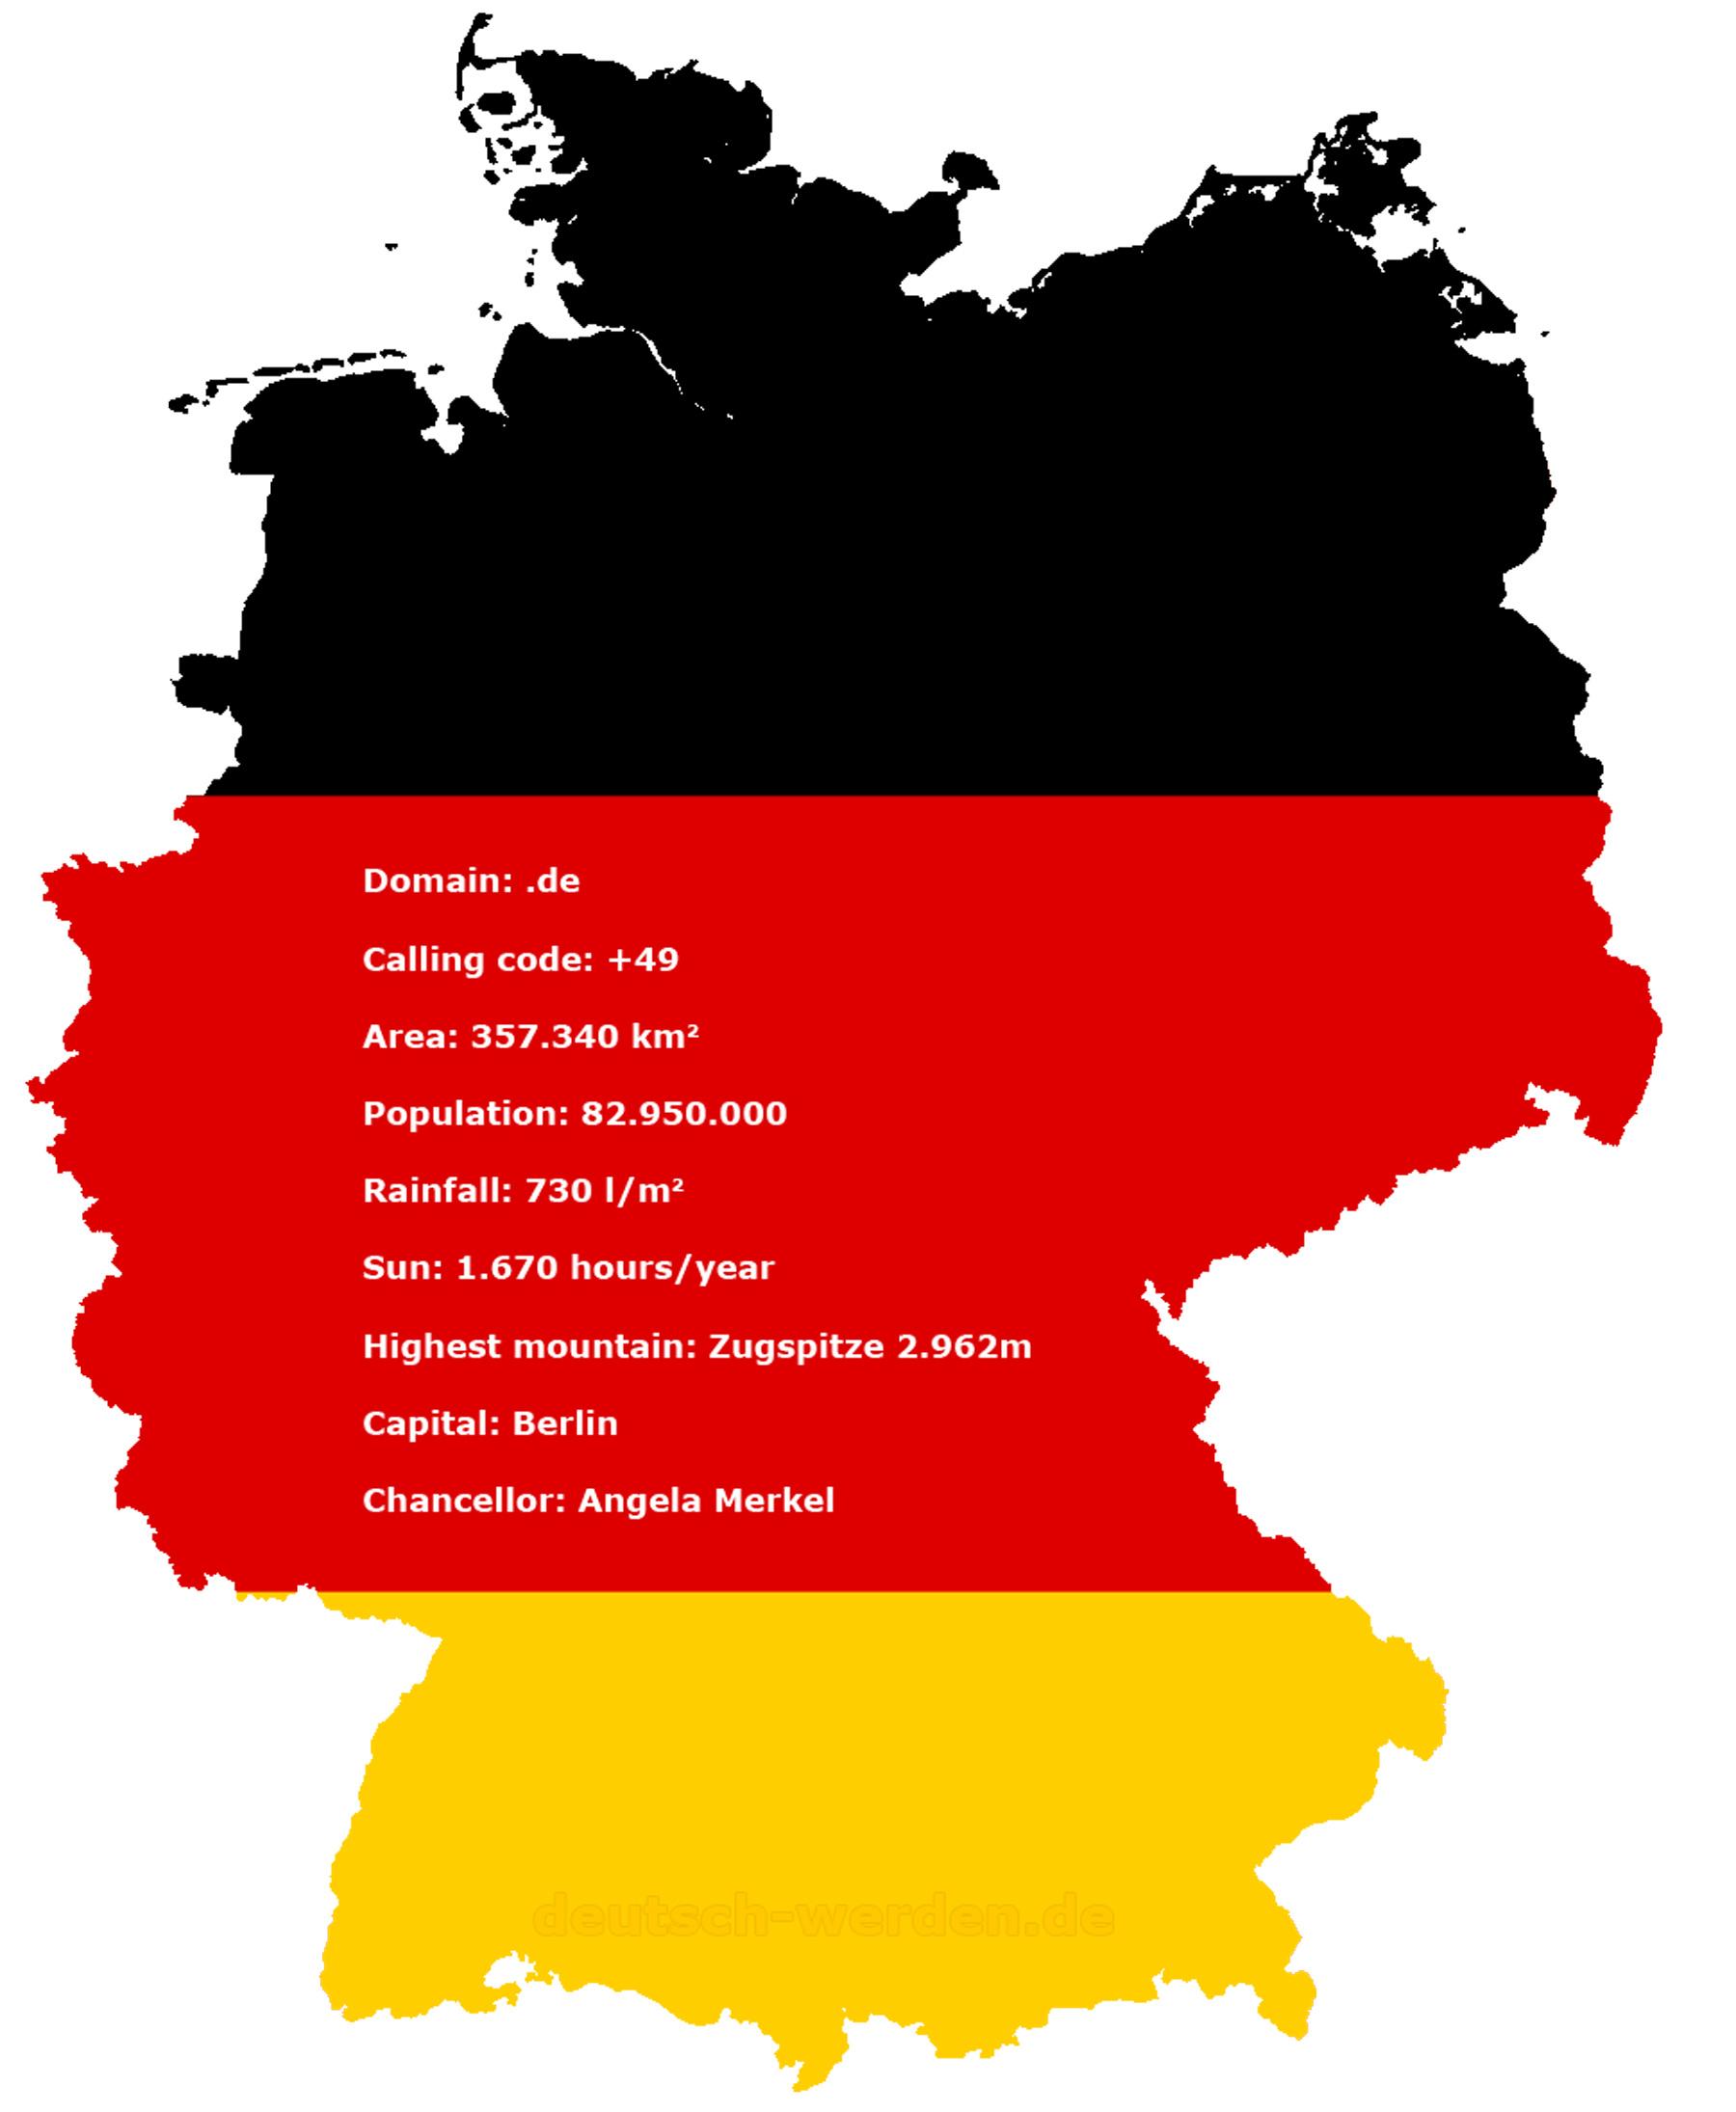 Bundesländer Karte Ohne Namen.Deutschland Karte Mit Ohne Bundesländer Leere Karten